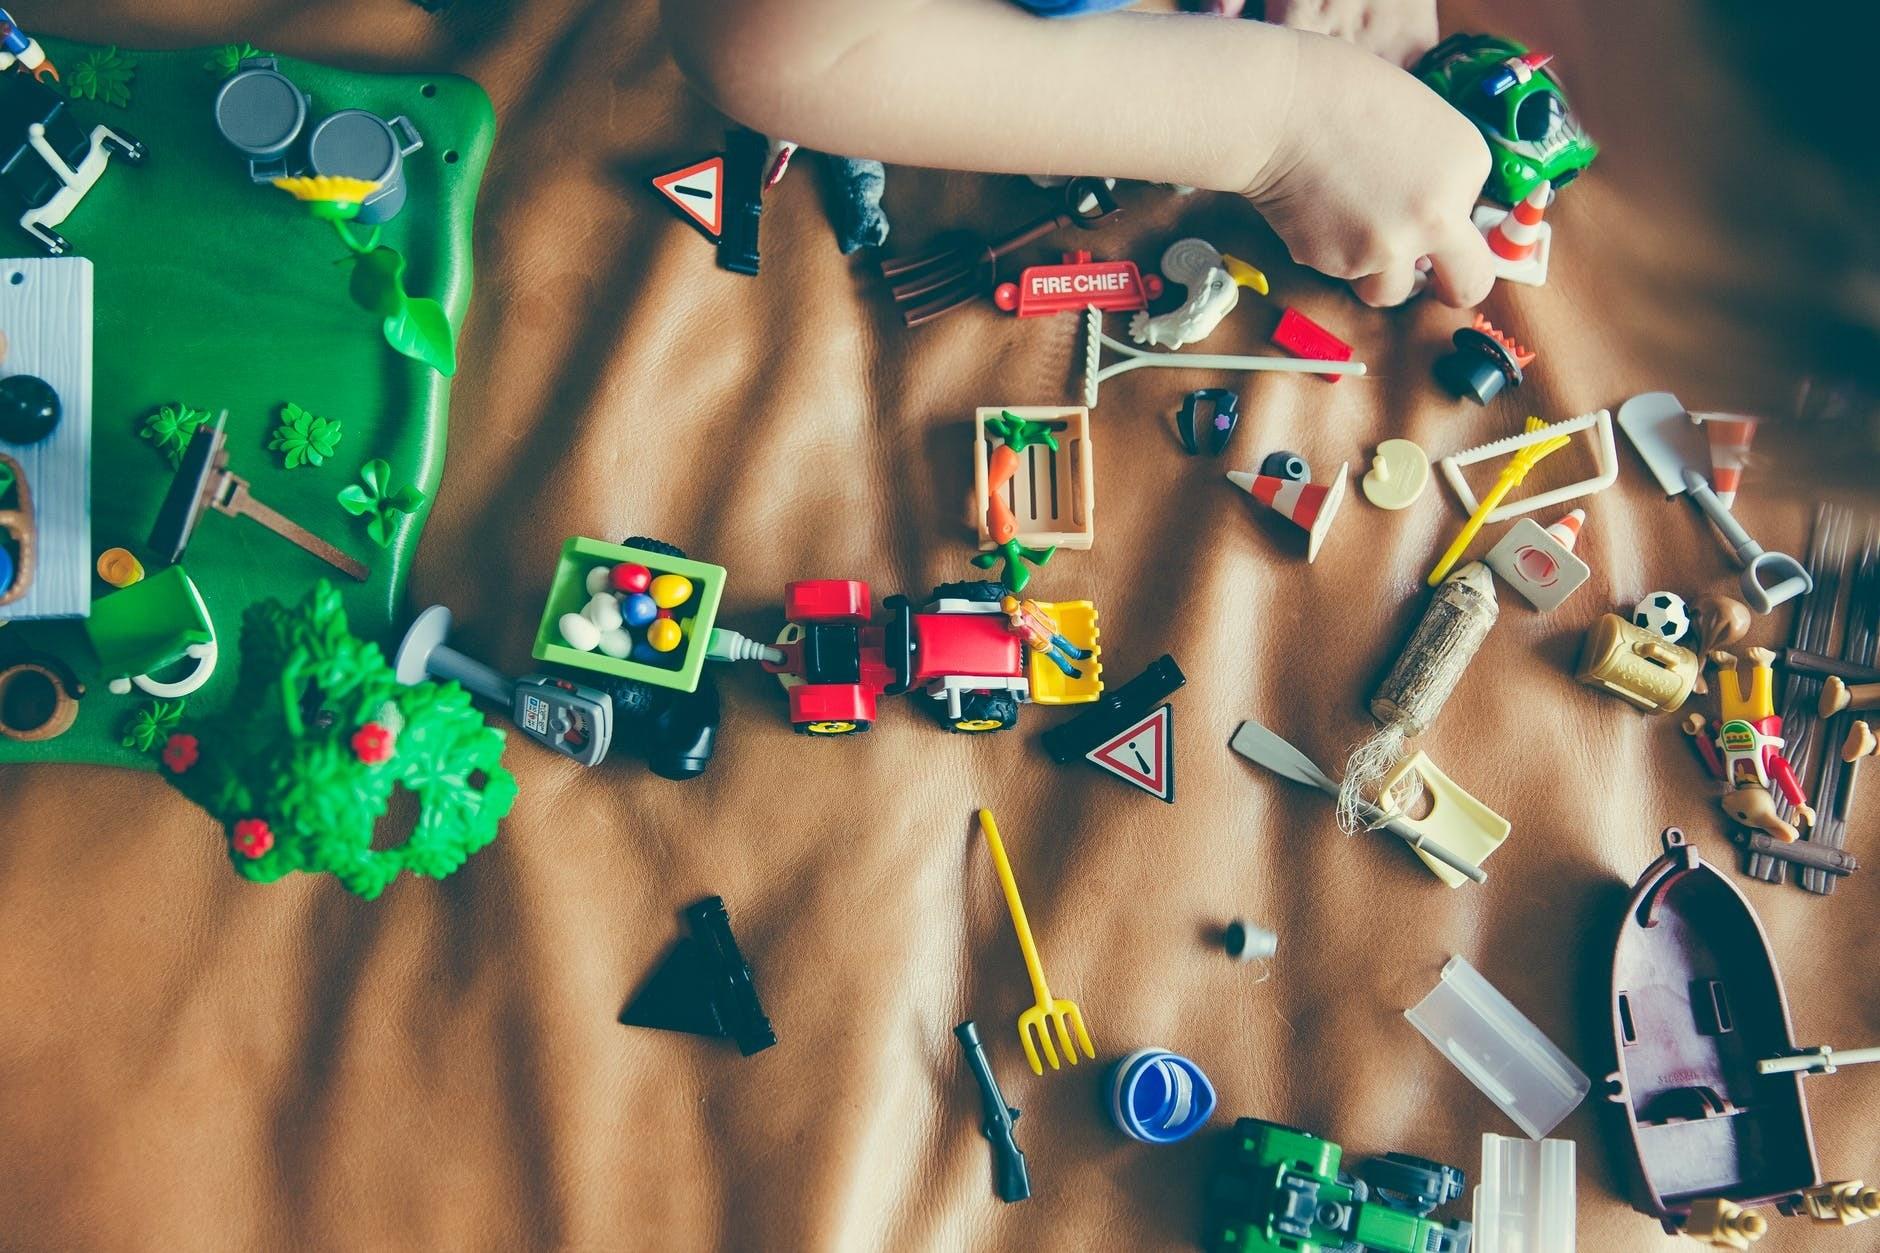 Сколько игрушек на самом деле нужно ребенку